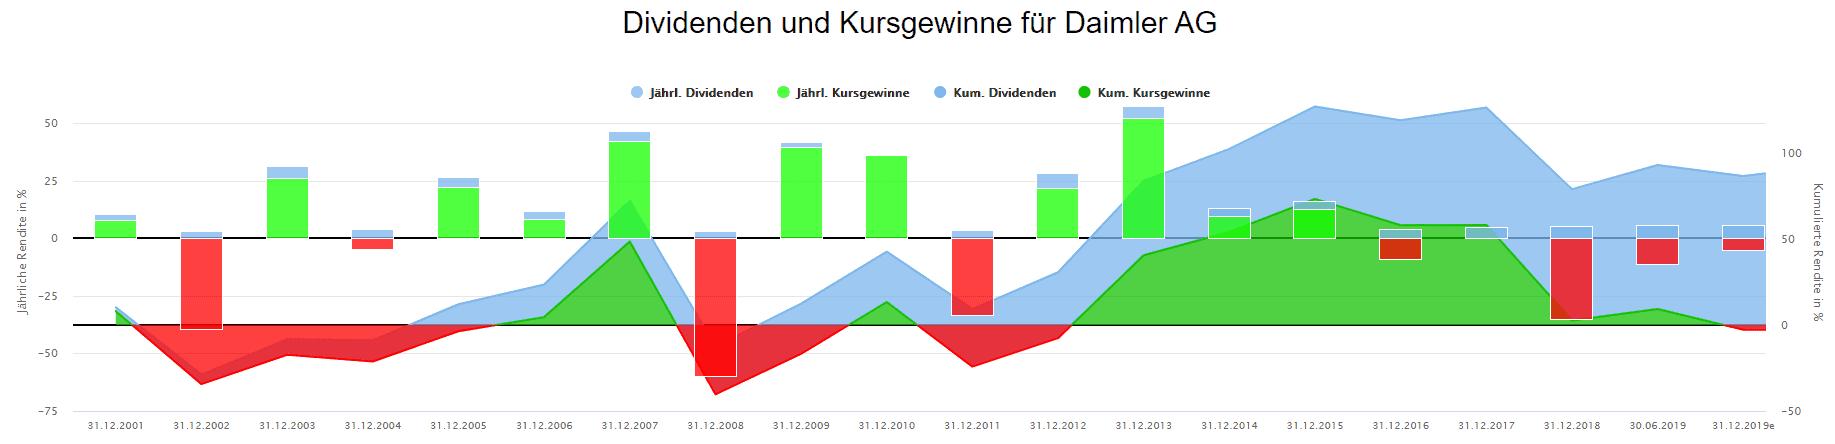 Die langfristige Rendite der Daimler Aktie kommt nur durch die Dividende zustande (blaue Fläche)